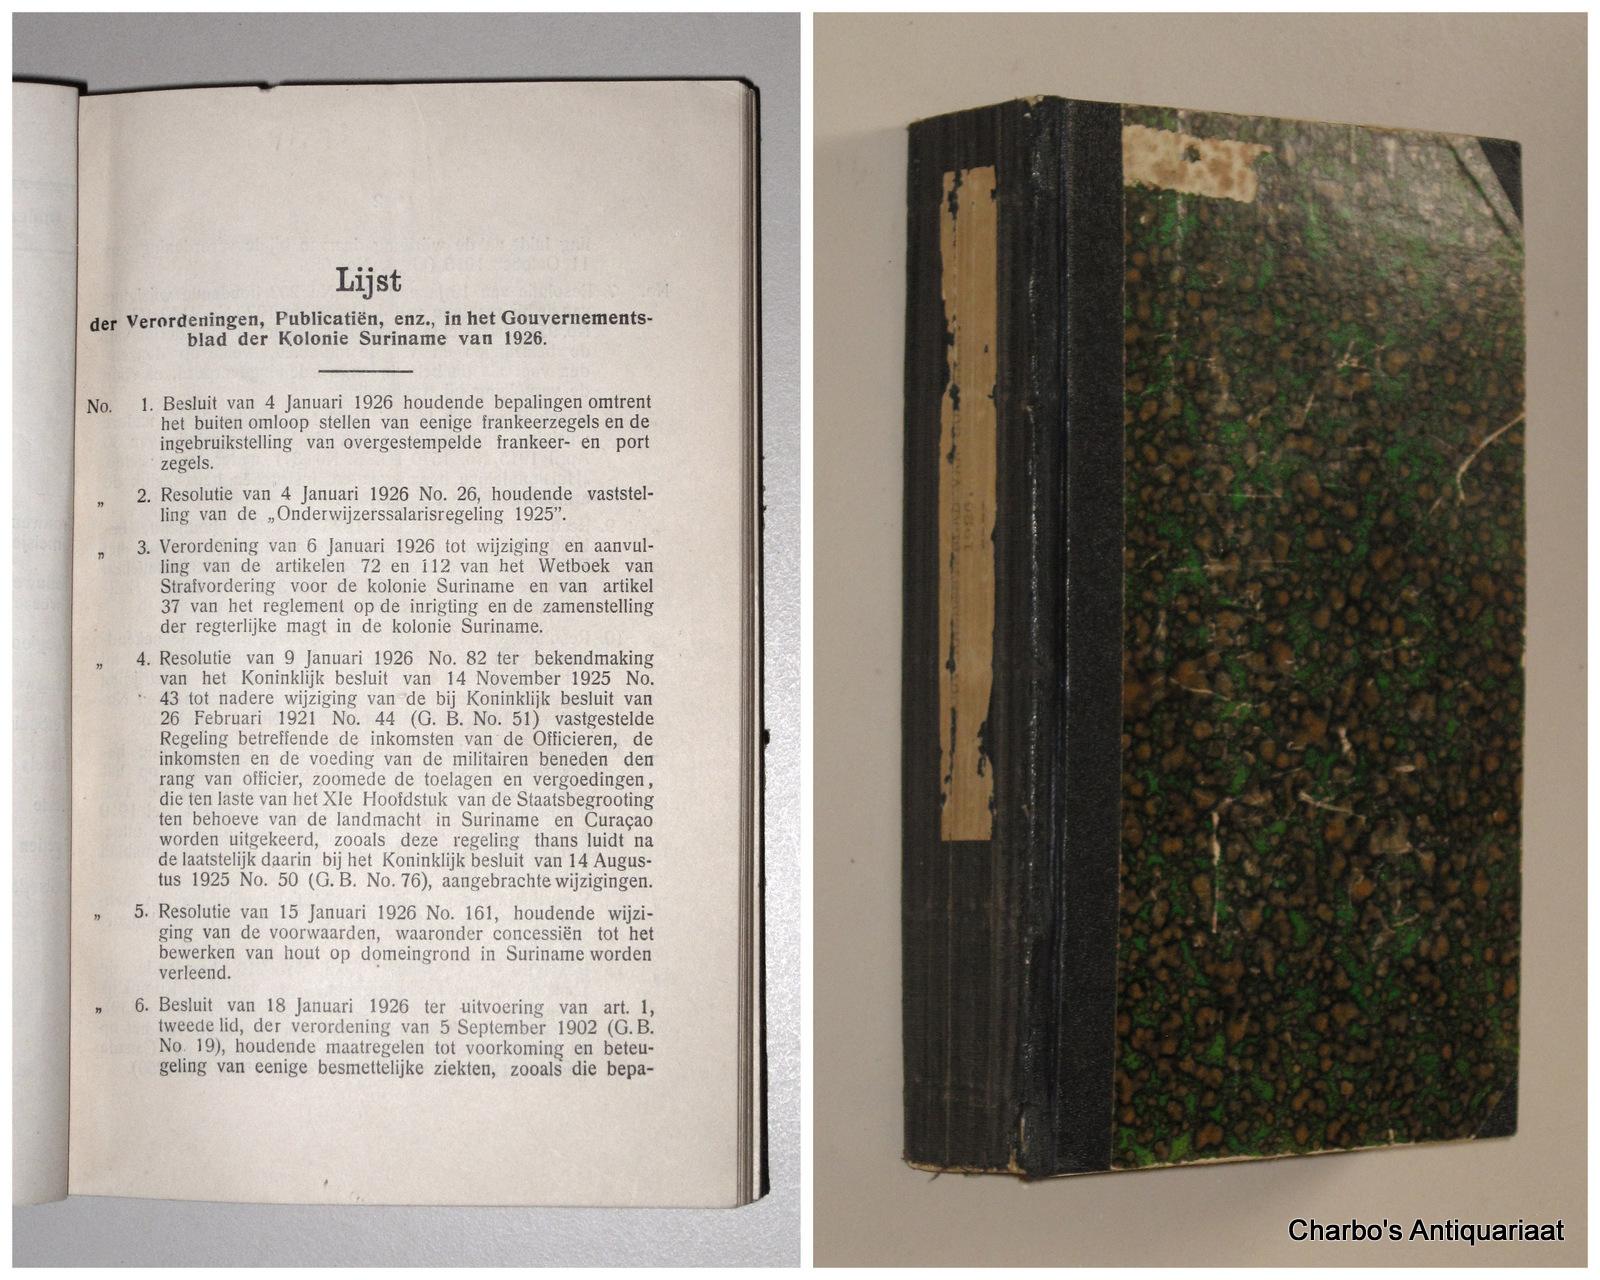 SURINAME. -  Gouvernementsblad van de Kolonie Suriname 1926.